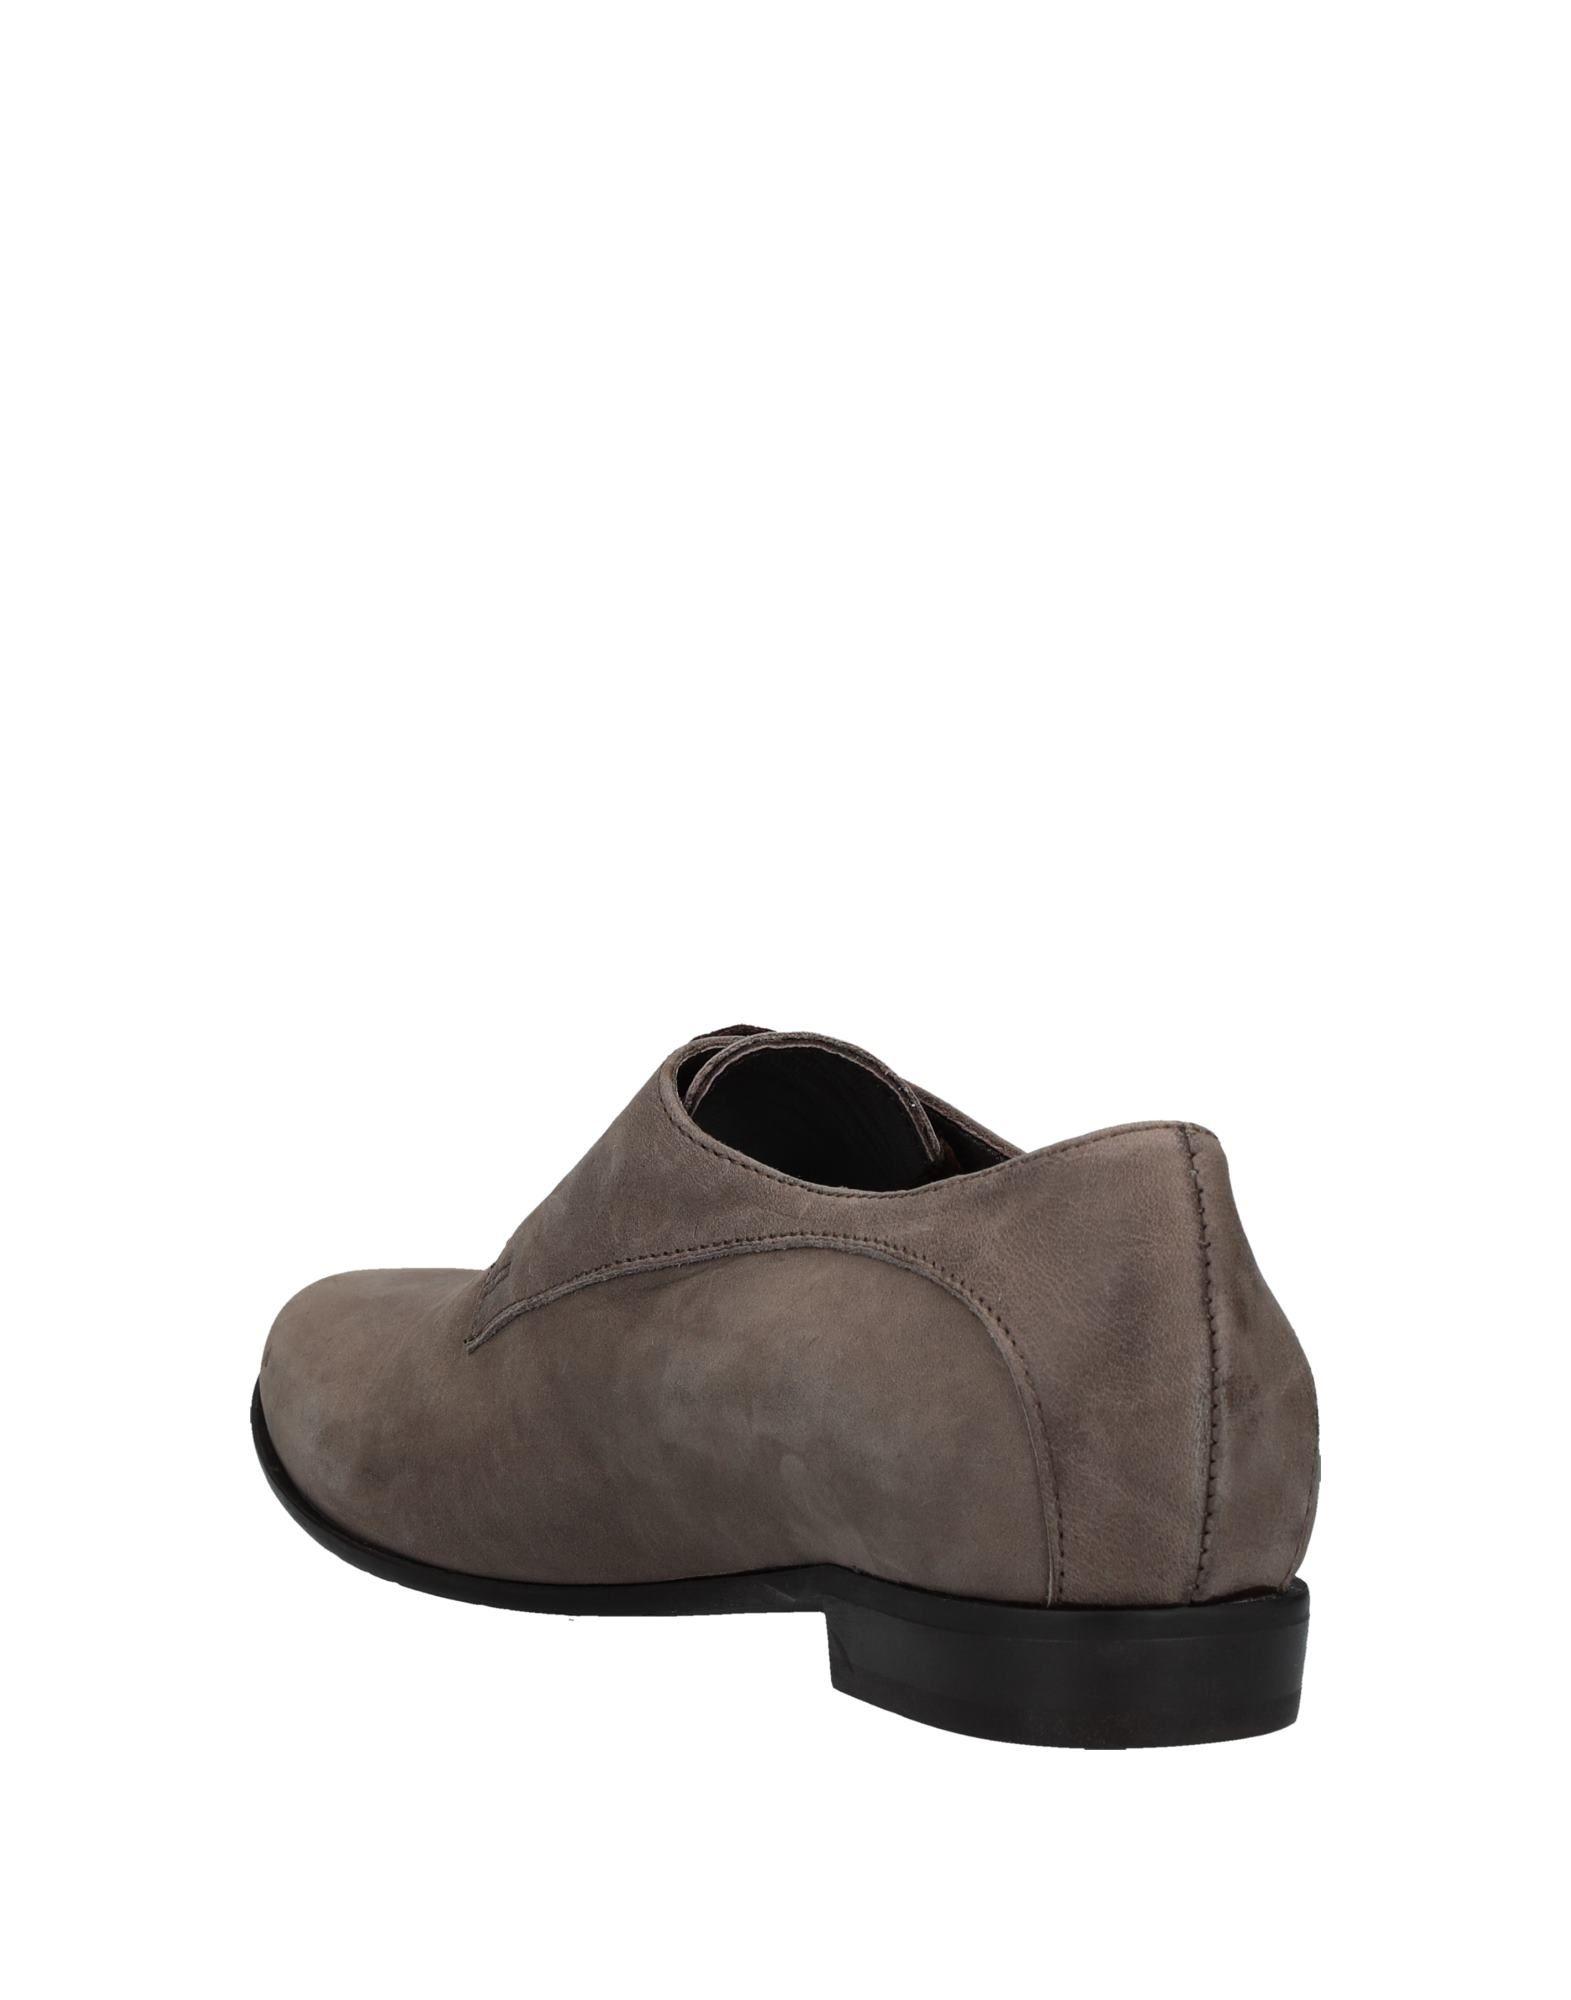 Sgn Giancarlo Paoli Qualität Schnürschuhe Damen 11527613HU Gute Qualität Paoli beliebte Schuhe 9e5cc8